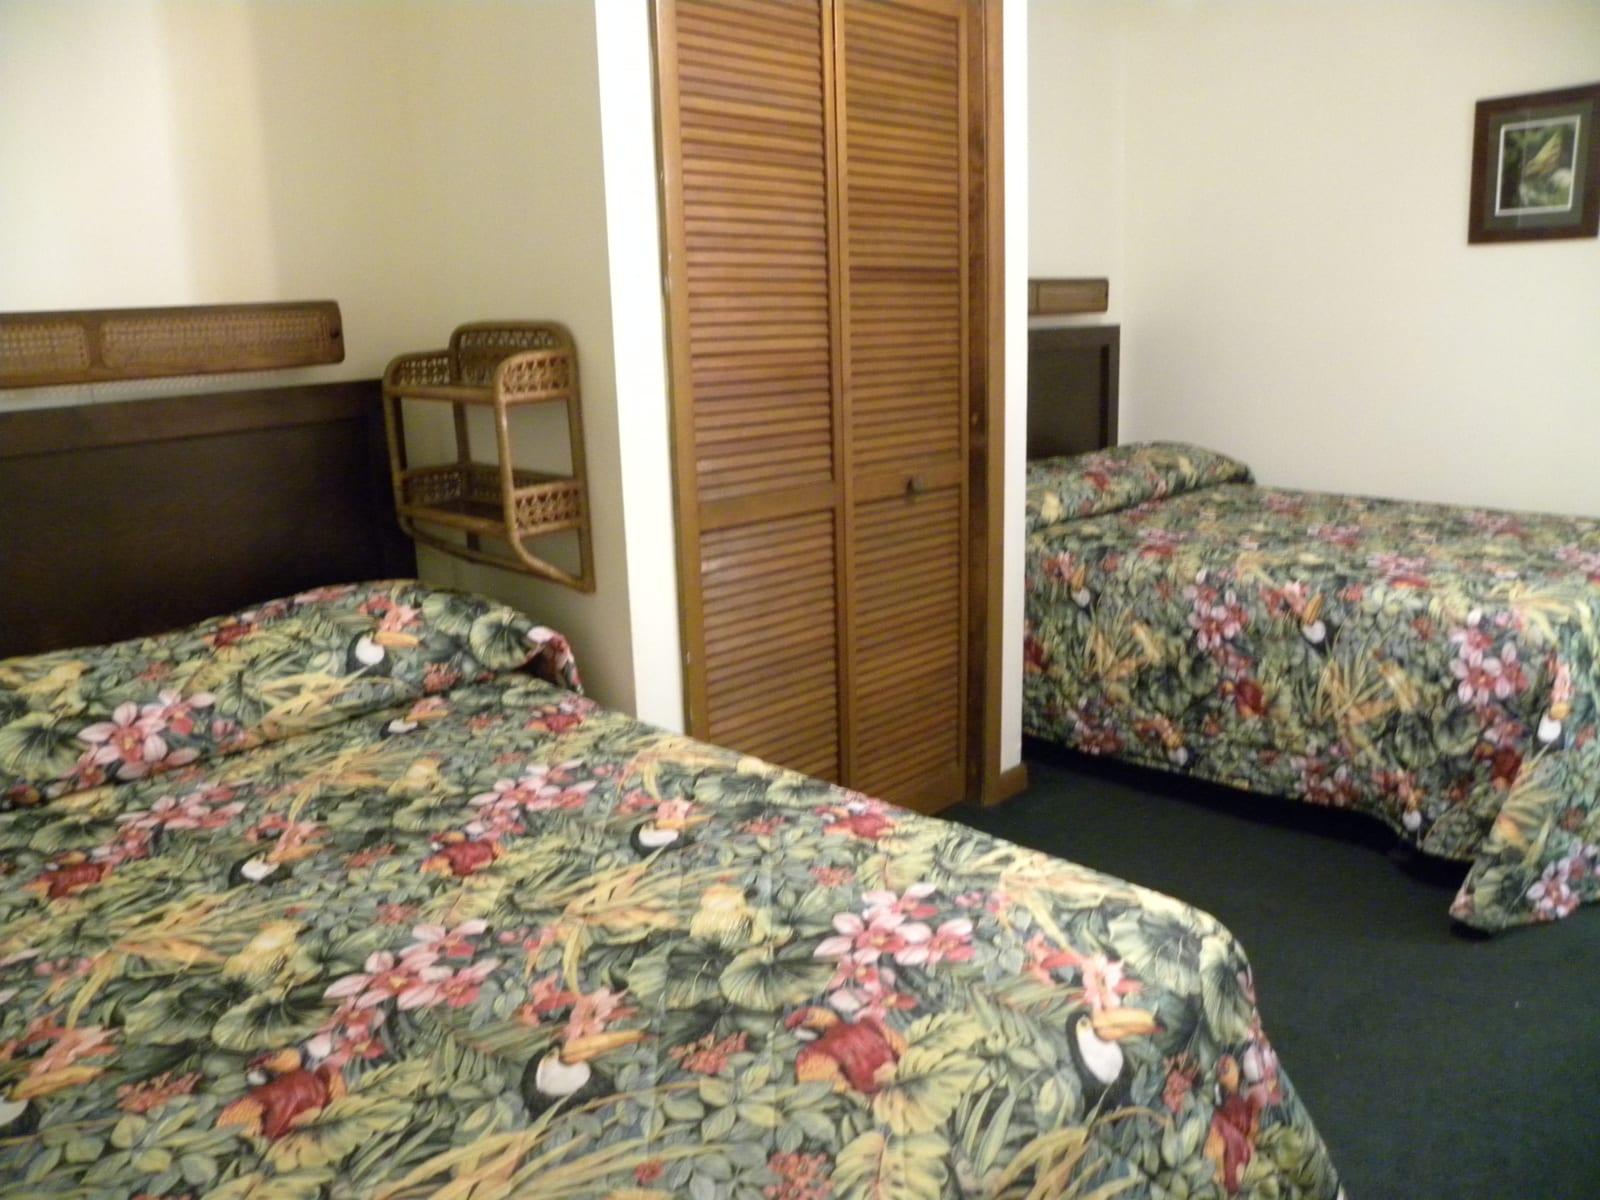 DSCN Beds